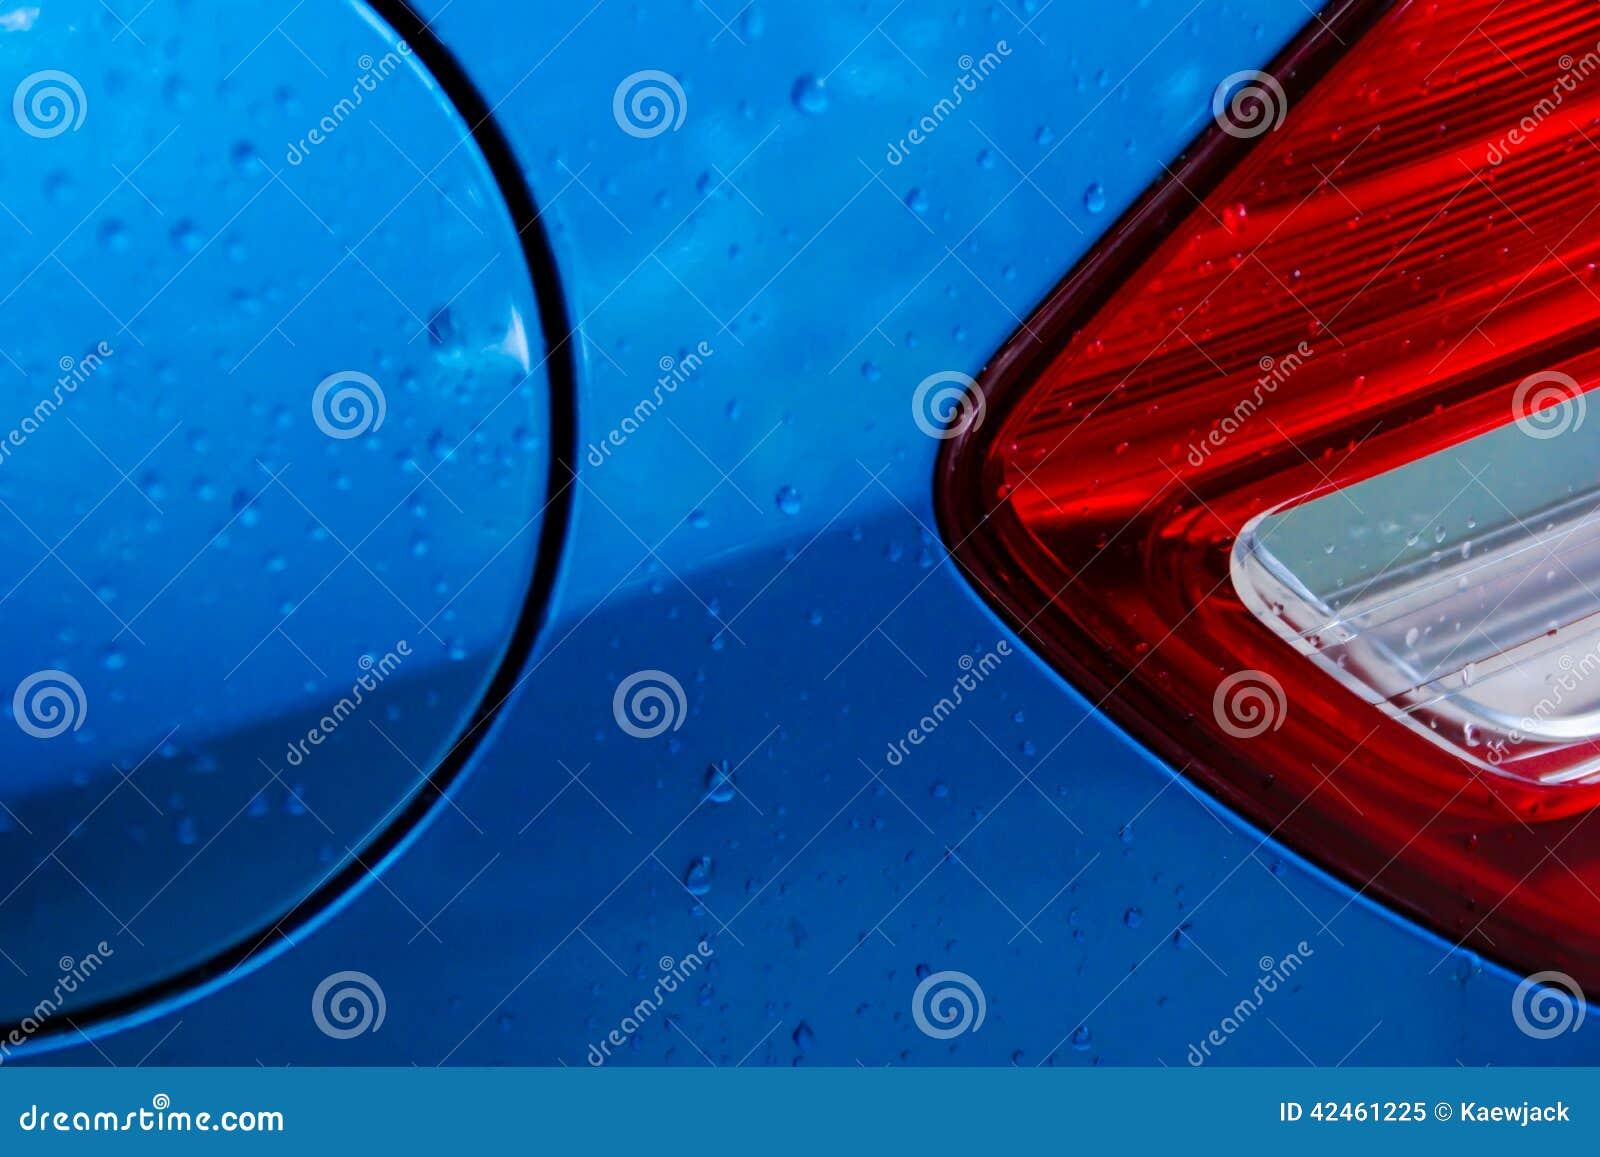 Seitenansicht der hinteren Automobil-Lampe